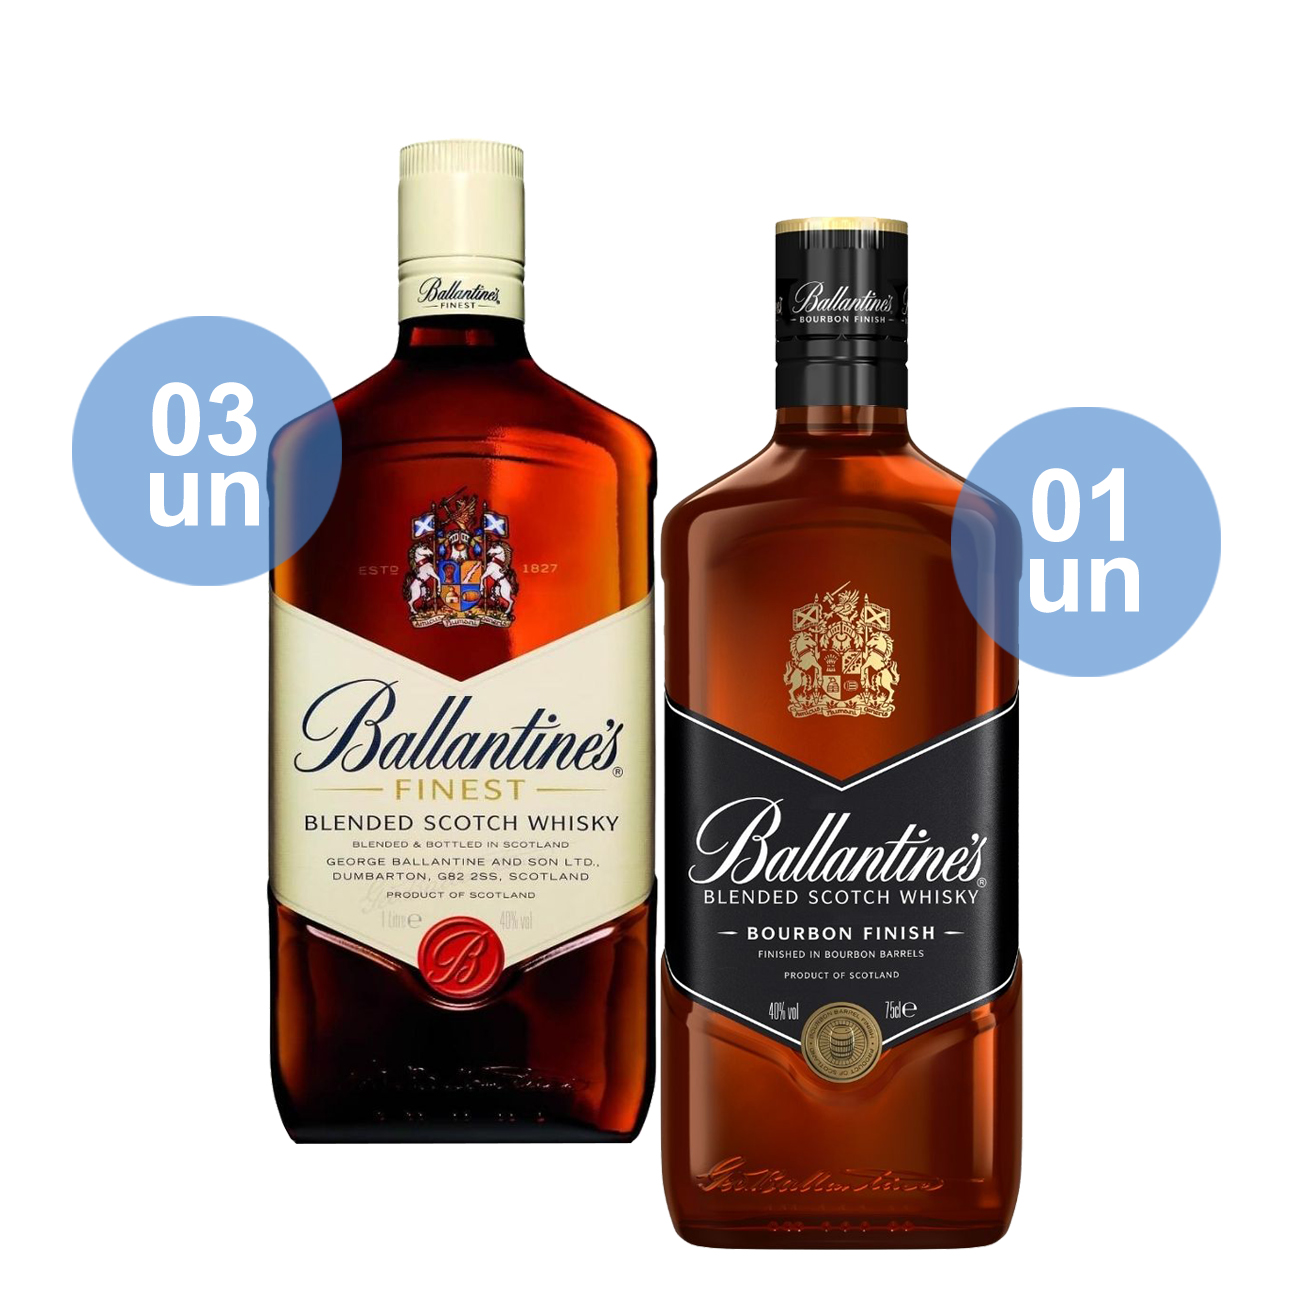 Compre 03 Ballantine's Finest 1L e ganhe 01 Ballantine's Bourbon